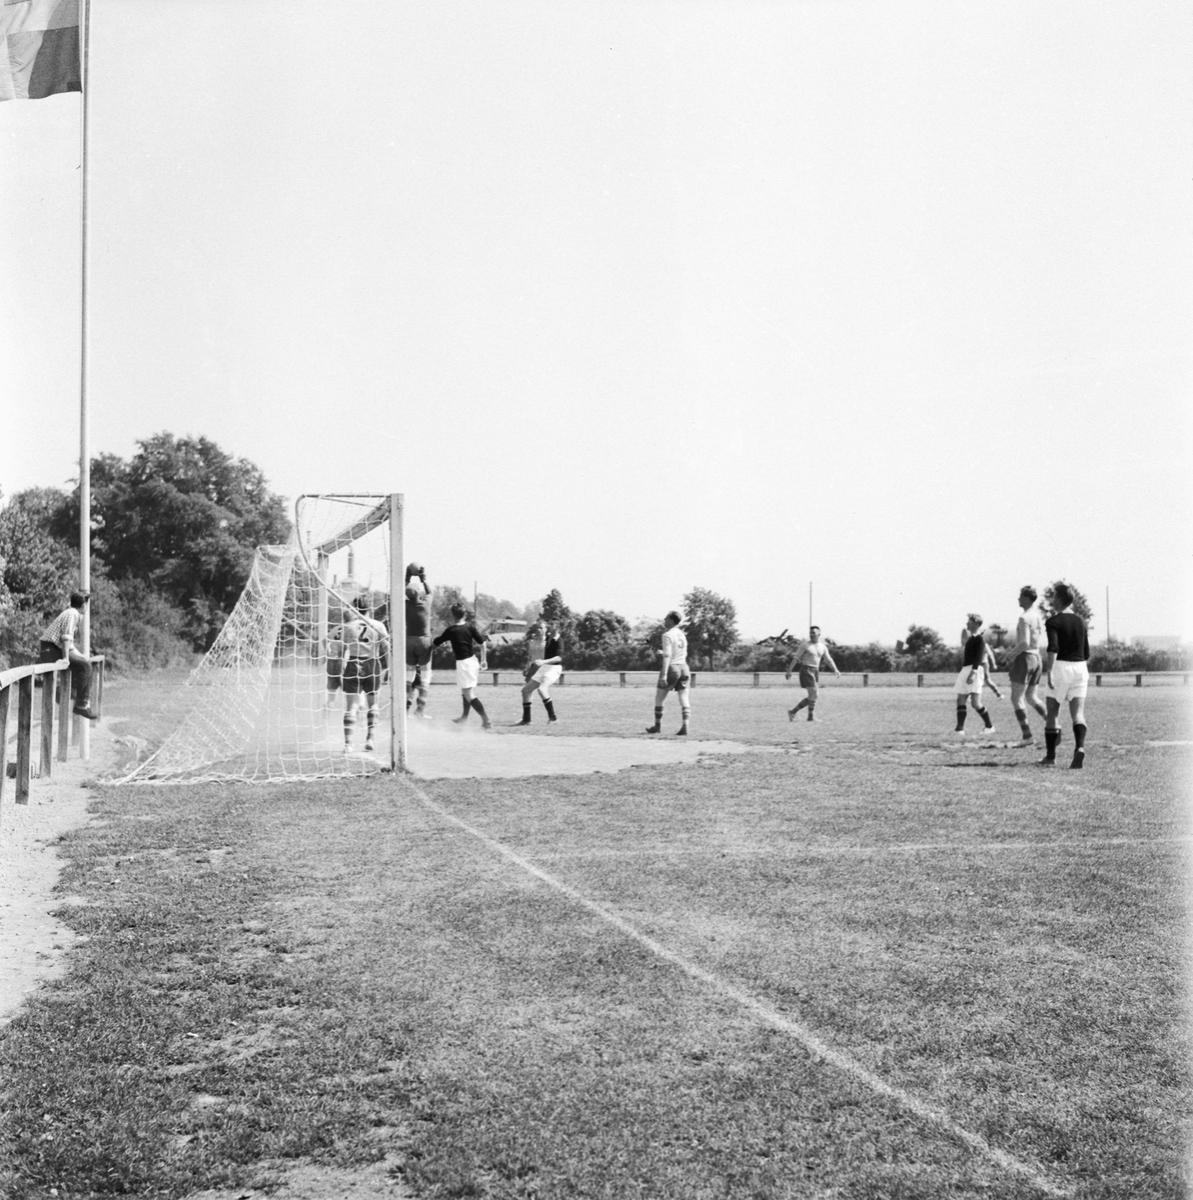 """Övrigt: Foto datum: 12/7 1957 Byggnader och kranar """"Varvet runt"""" fotbollsmatch"""